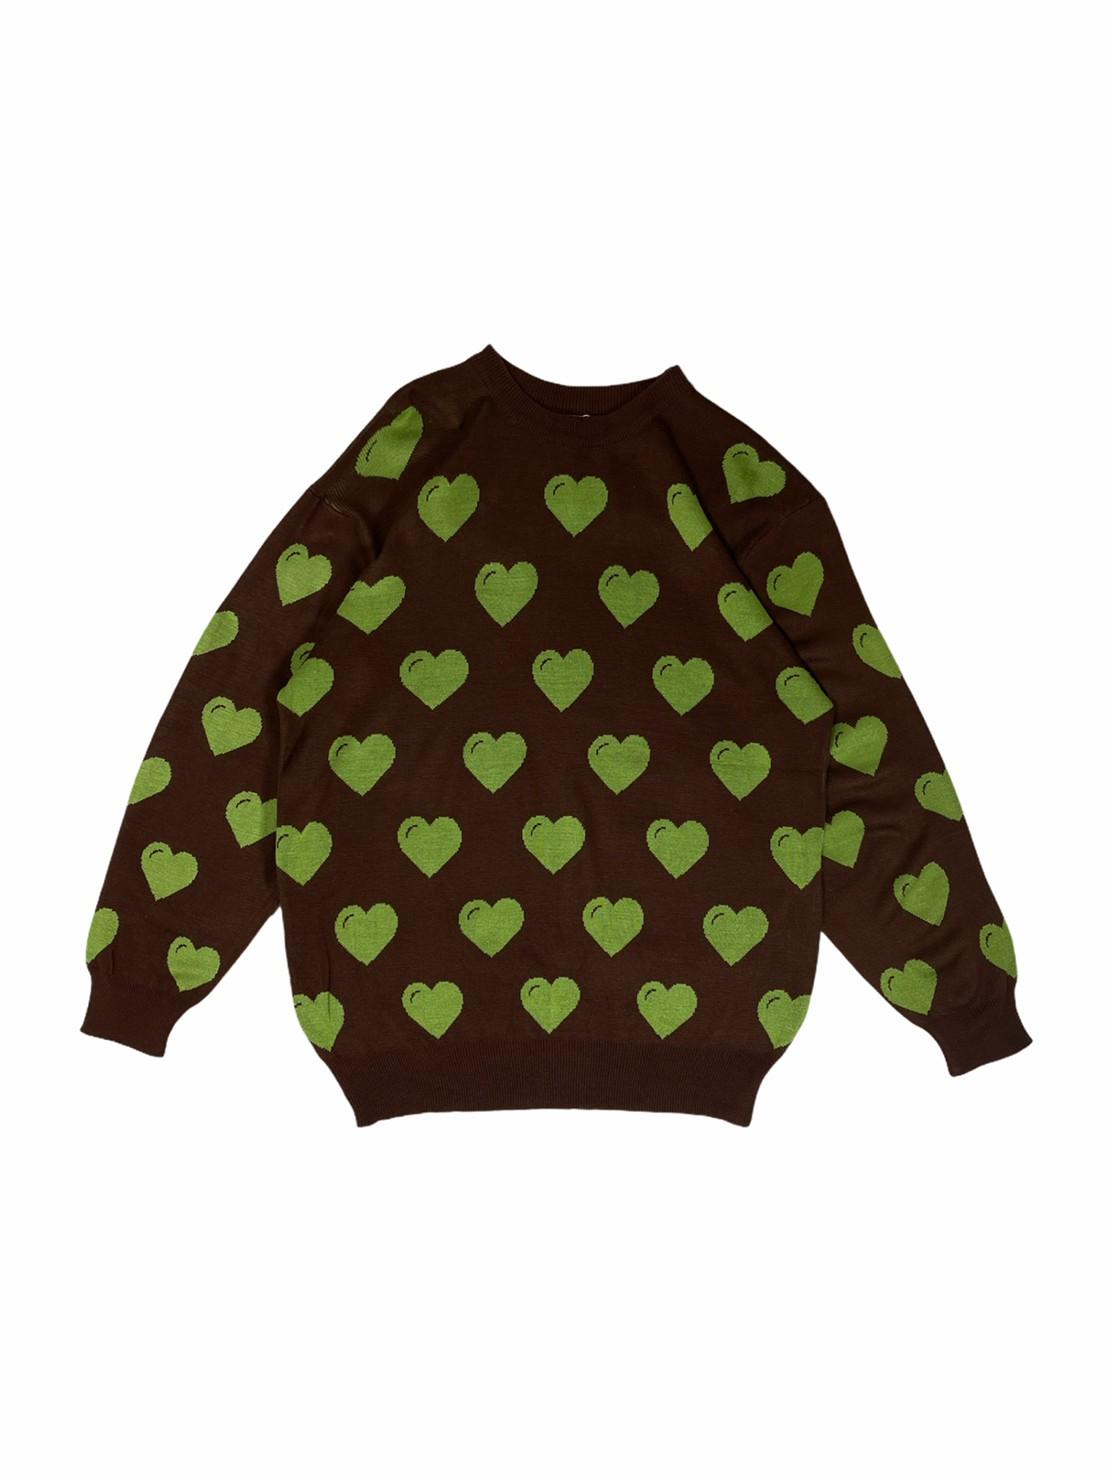 LL Green Heart Sweater